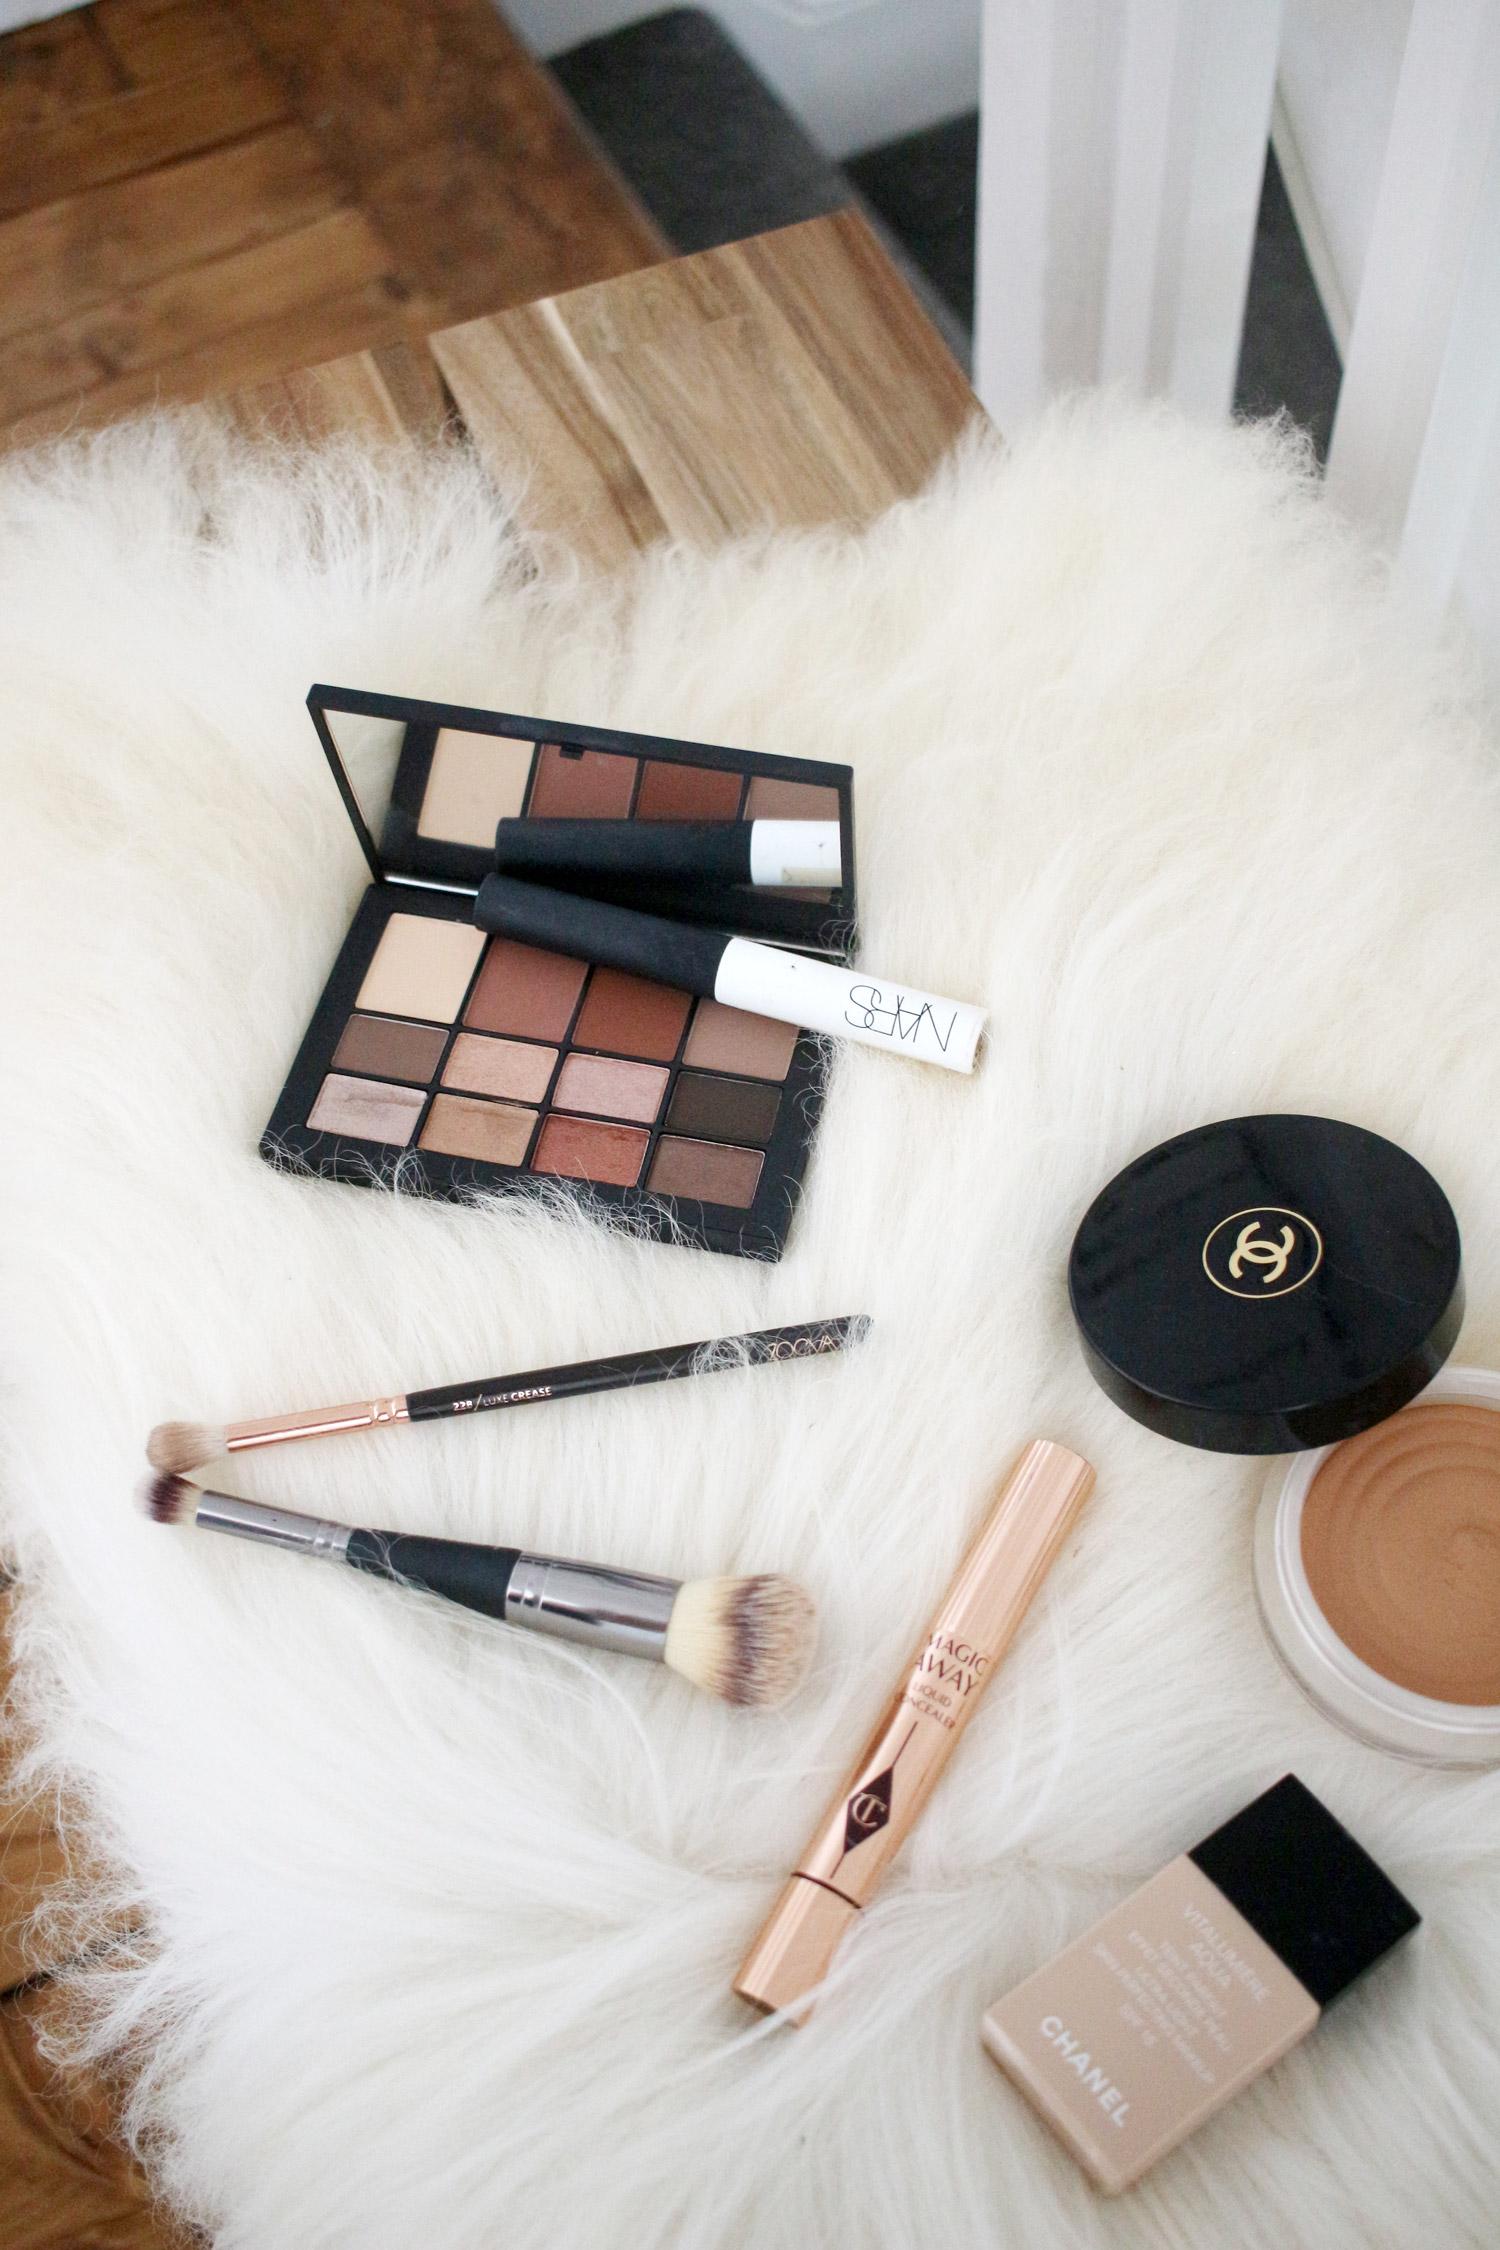 nars-skin-deep-eyeshadow-palette-charlotte-tilbury-concealer-etc-3